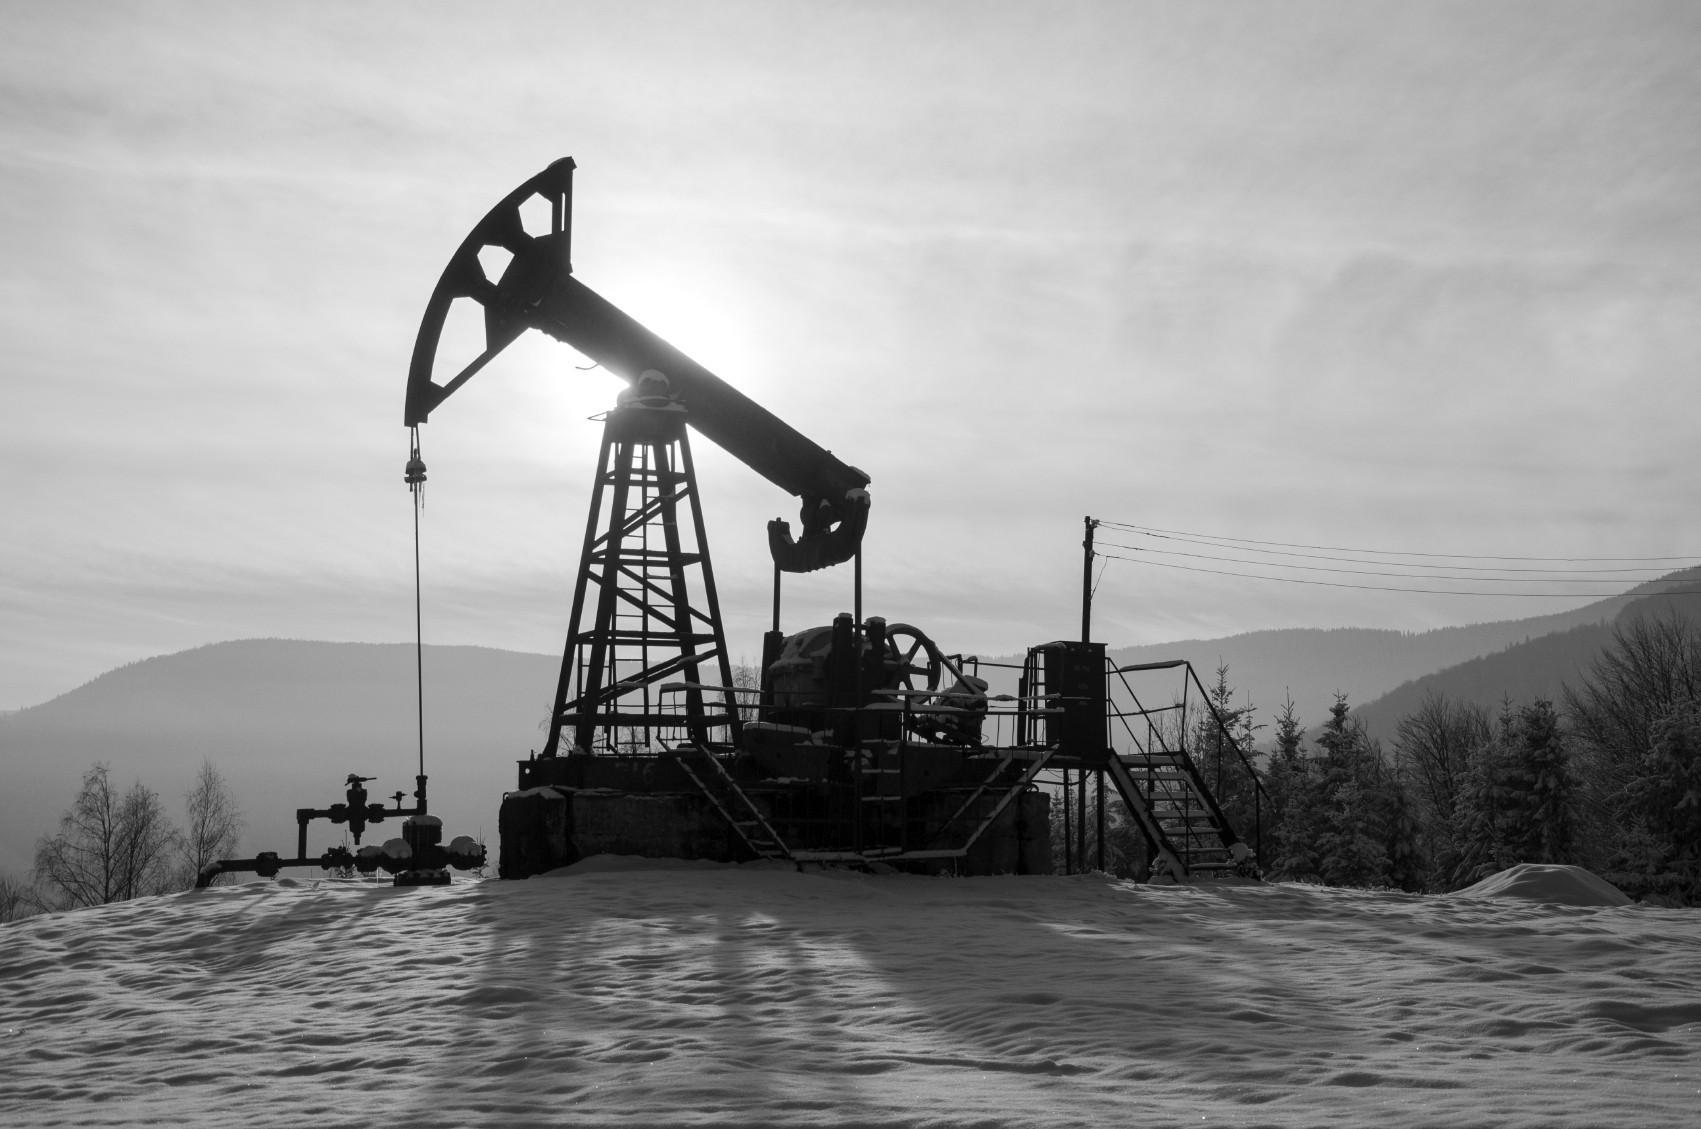 ABŞ fevralda strateji neft ehtiyatlarından daha 10 mln. barel satacaq